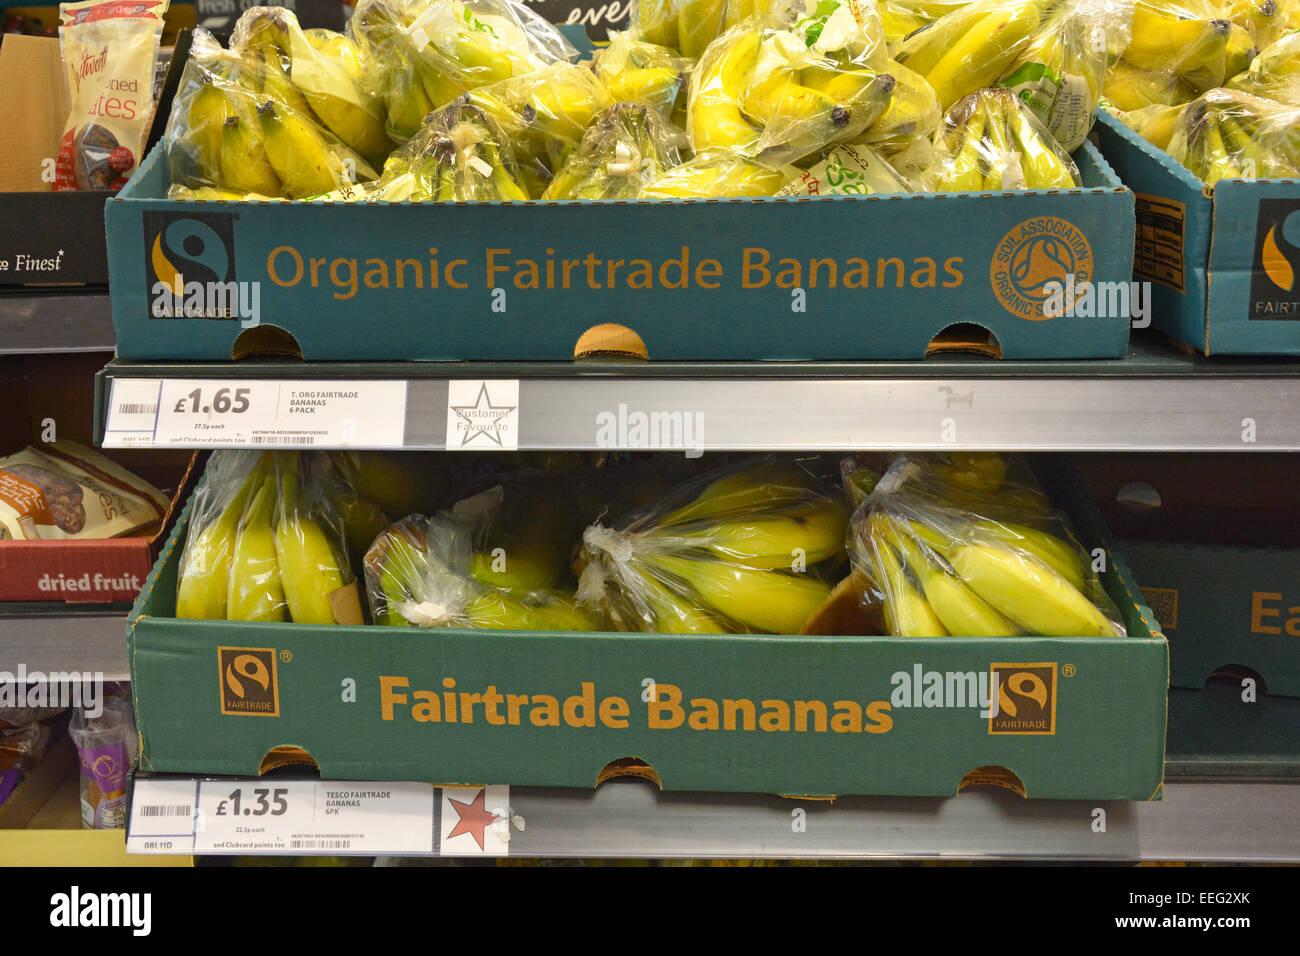 Borse di commercio equo e solidale e di banane biologiche nelle caselle visualizzate sugli scaffali per la vendita Immagini Stock